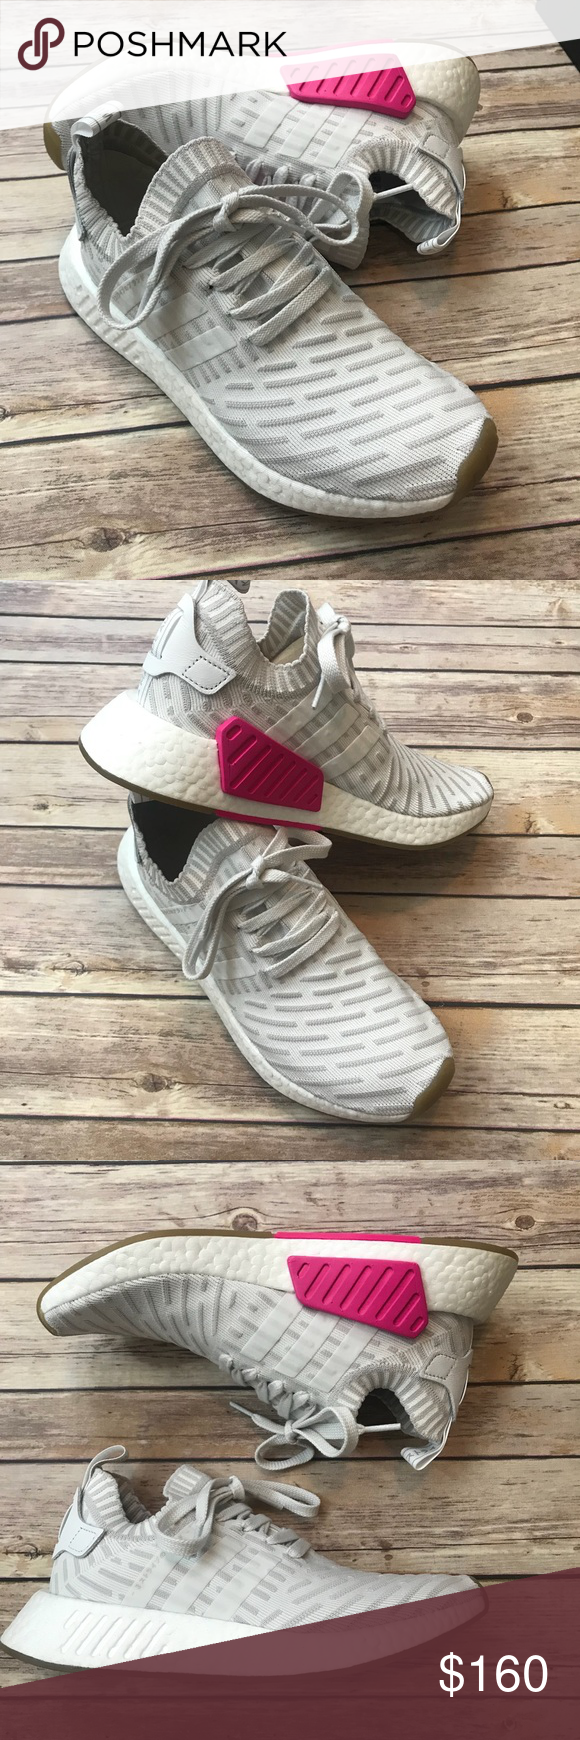 adidas nmd primeknit rosa e scarpe bianche con una scatola nuova di zecca